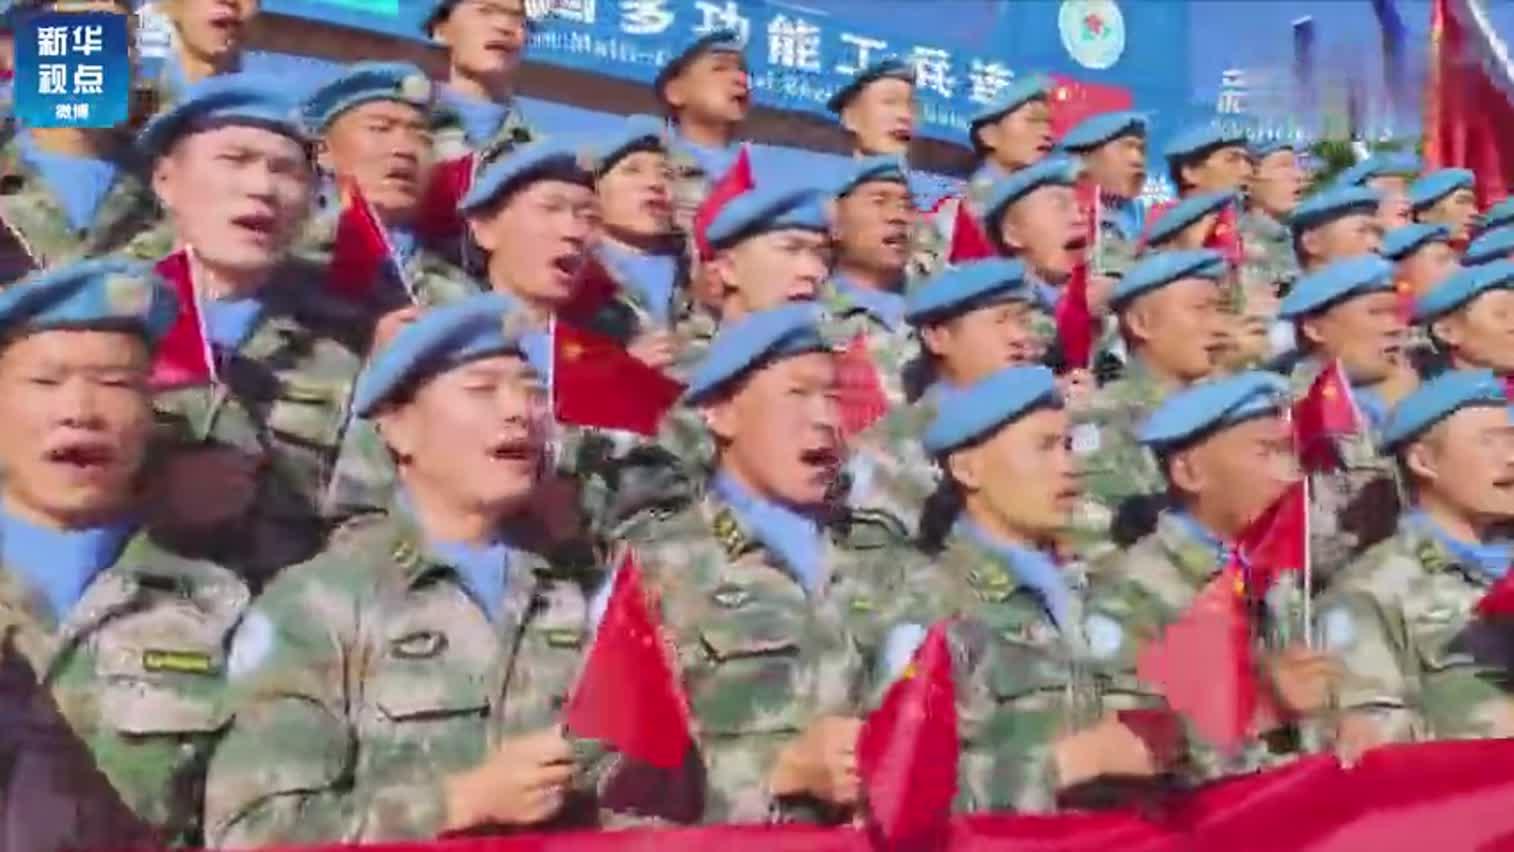 拜年了!中国赴苏丹维和官兵向全国人民送上新春祝福